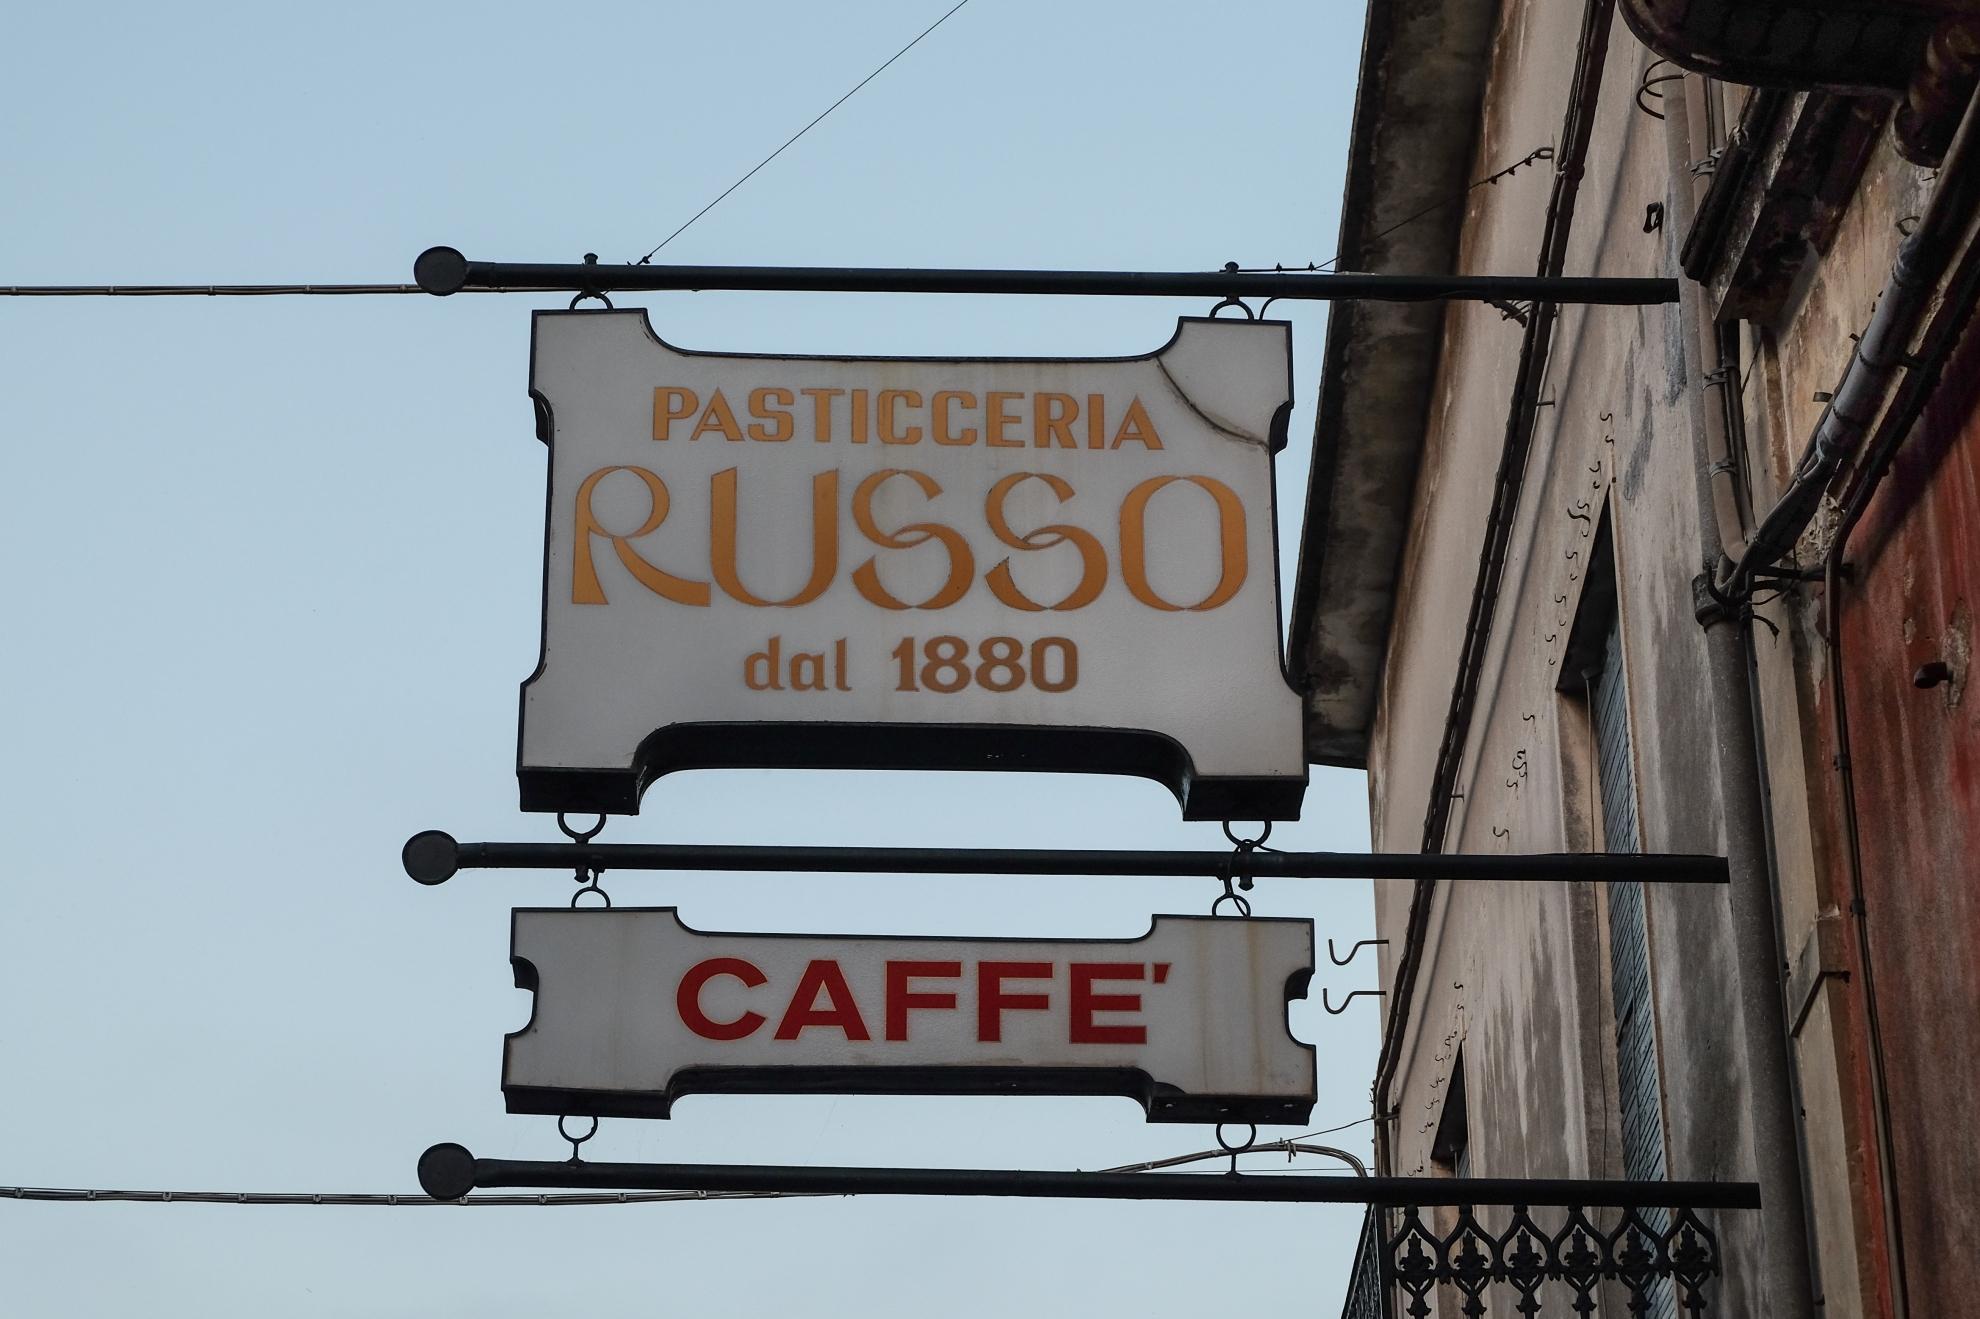 Pasticceria Russo - Bar Pasticceria, Santa Venerina